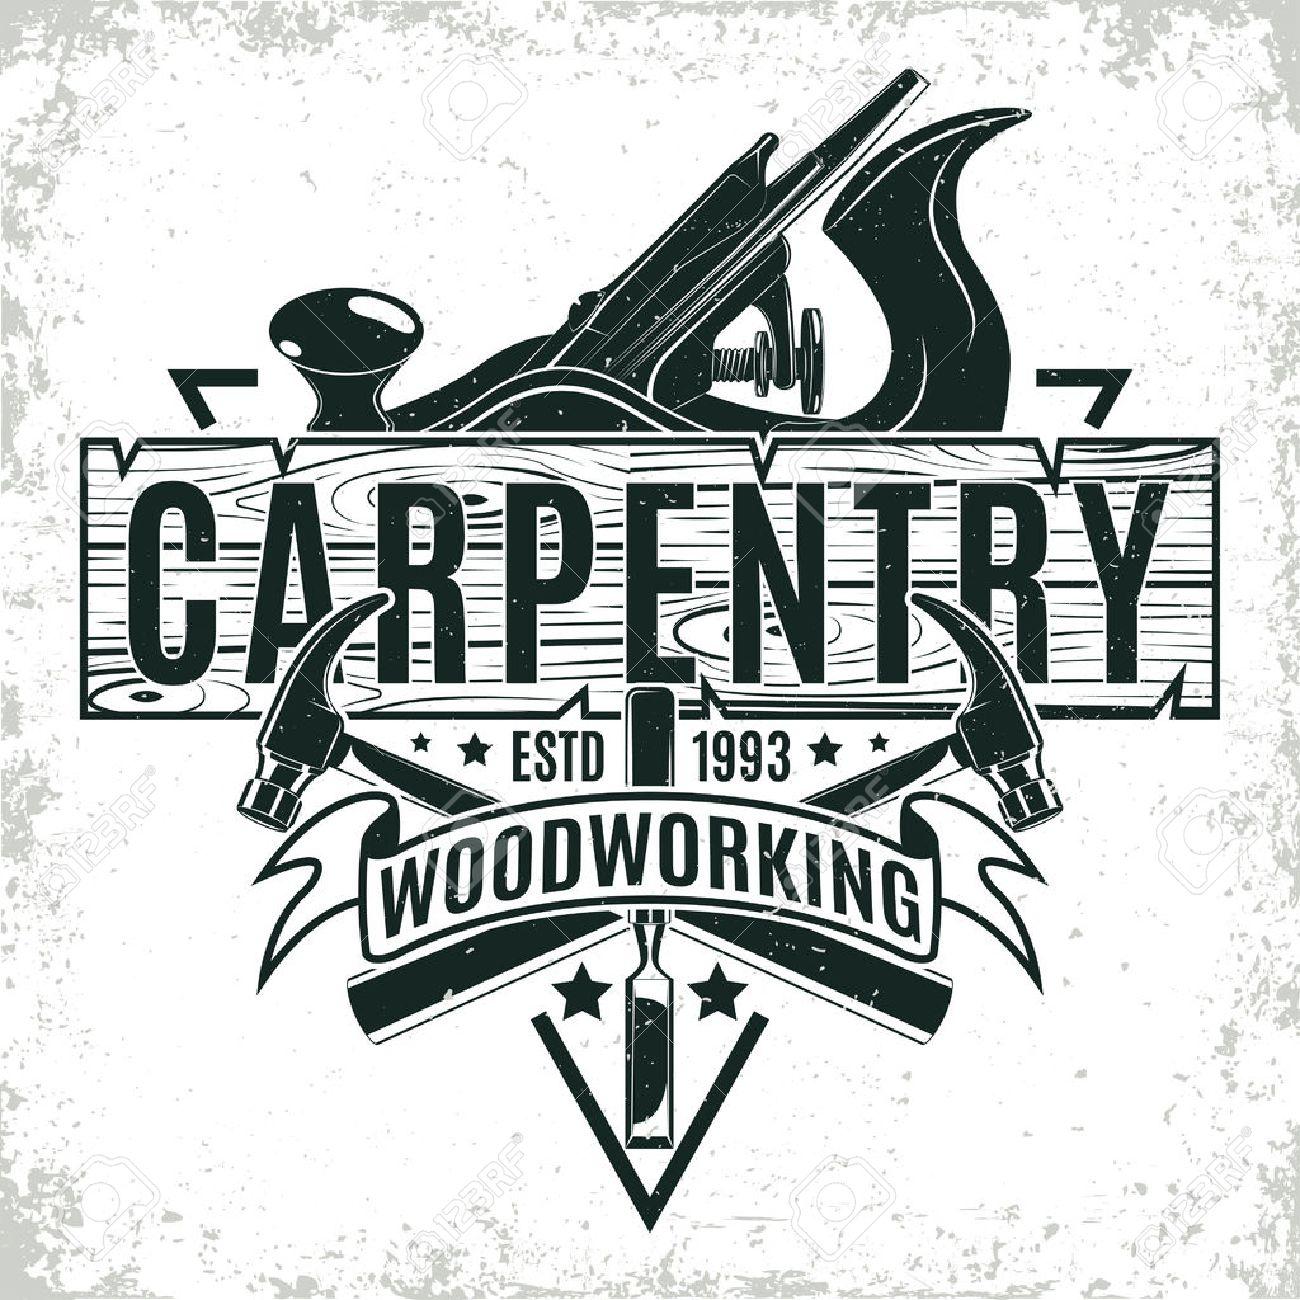 Vintage woodworking logo design, grange print stamp, creative carpentry typography emblem, Vector - 72243739